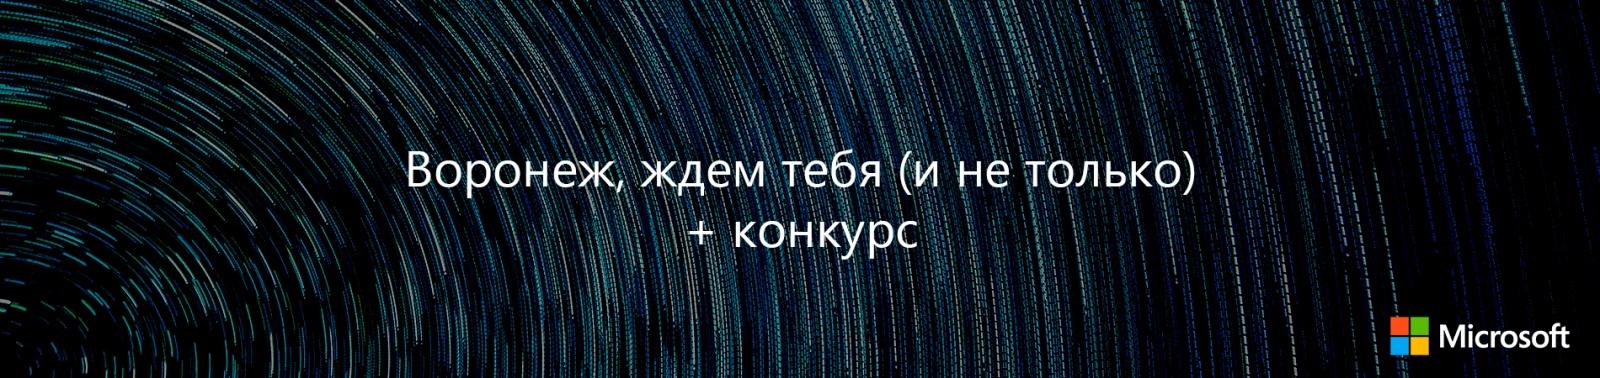 Воронеж, ждем тебя (и не только) + конкурс - 1